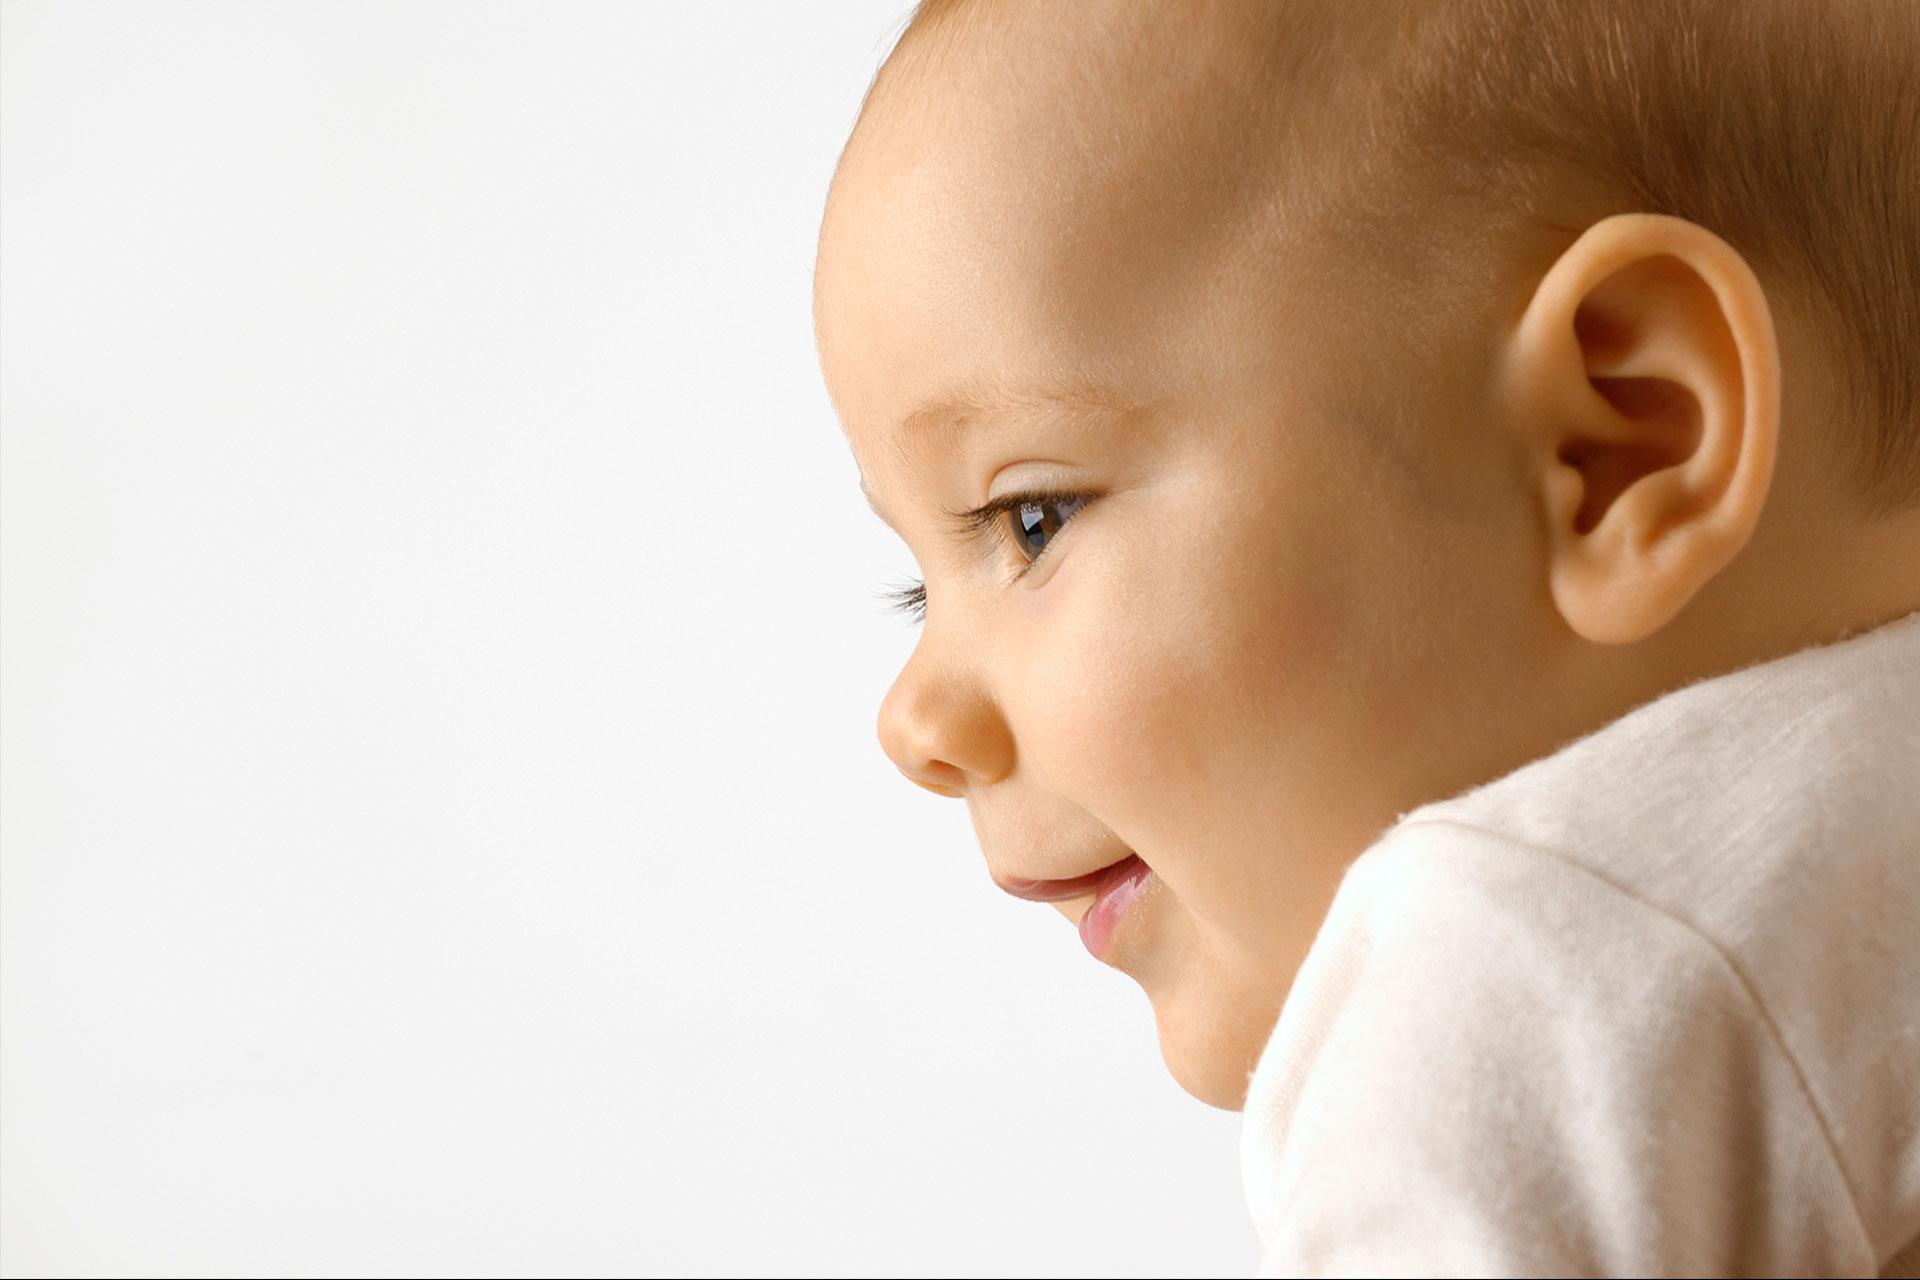 """Colar a orelha do bebê com esparadrapo diminui a """"orelha de abano""""?"""